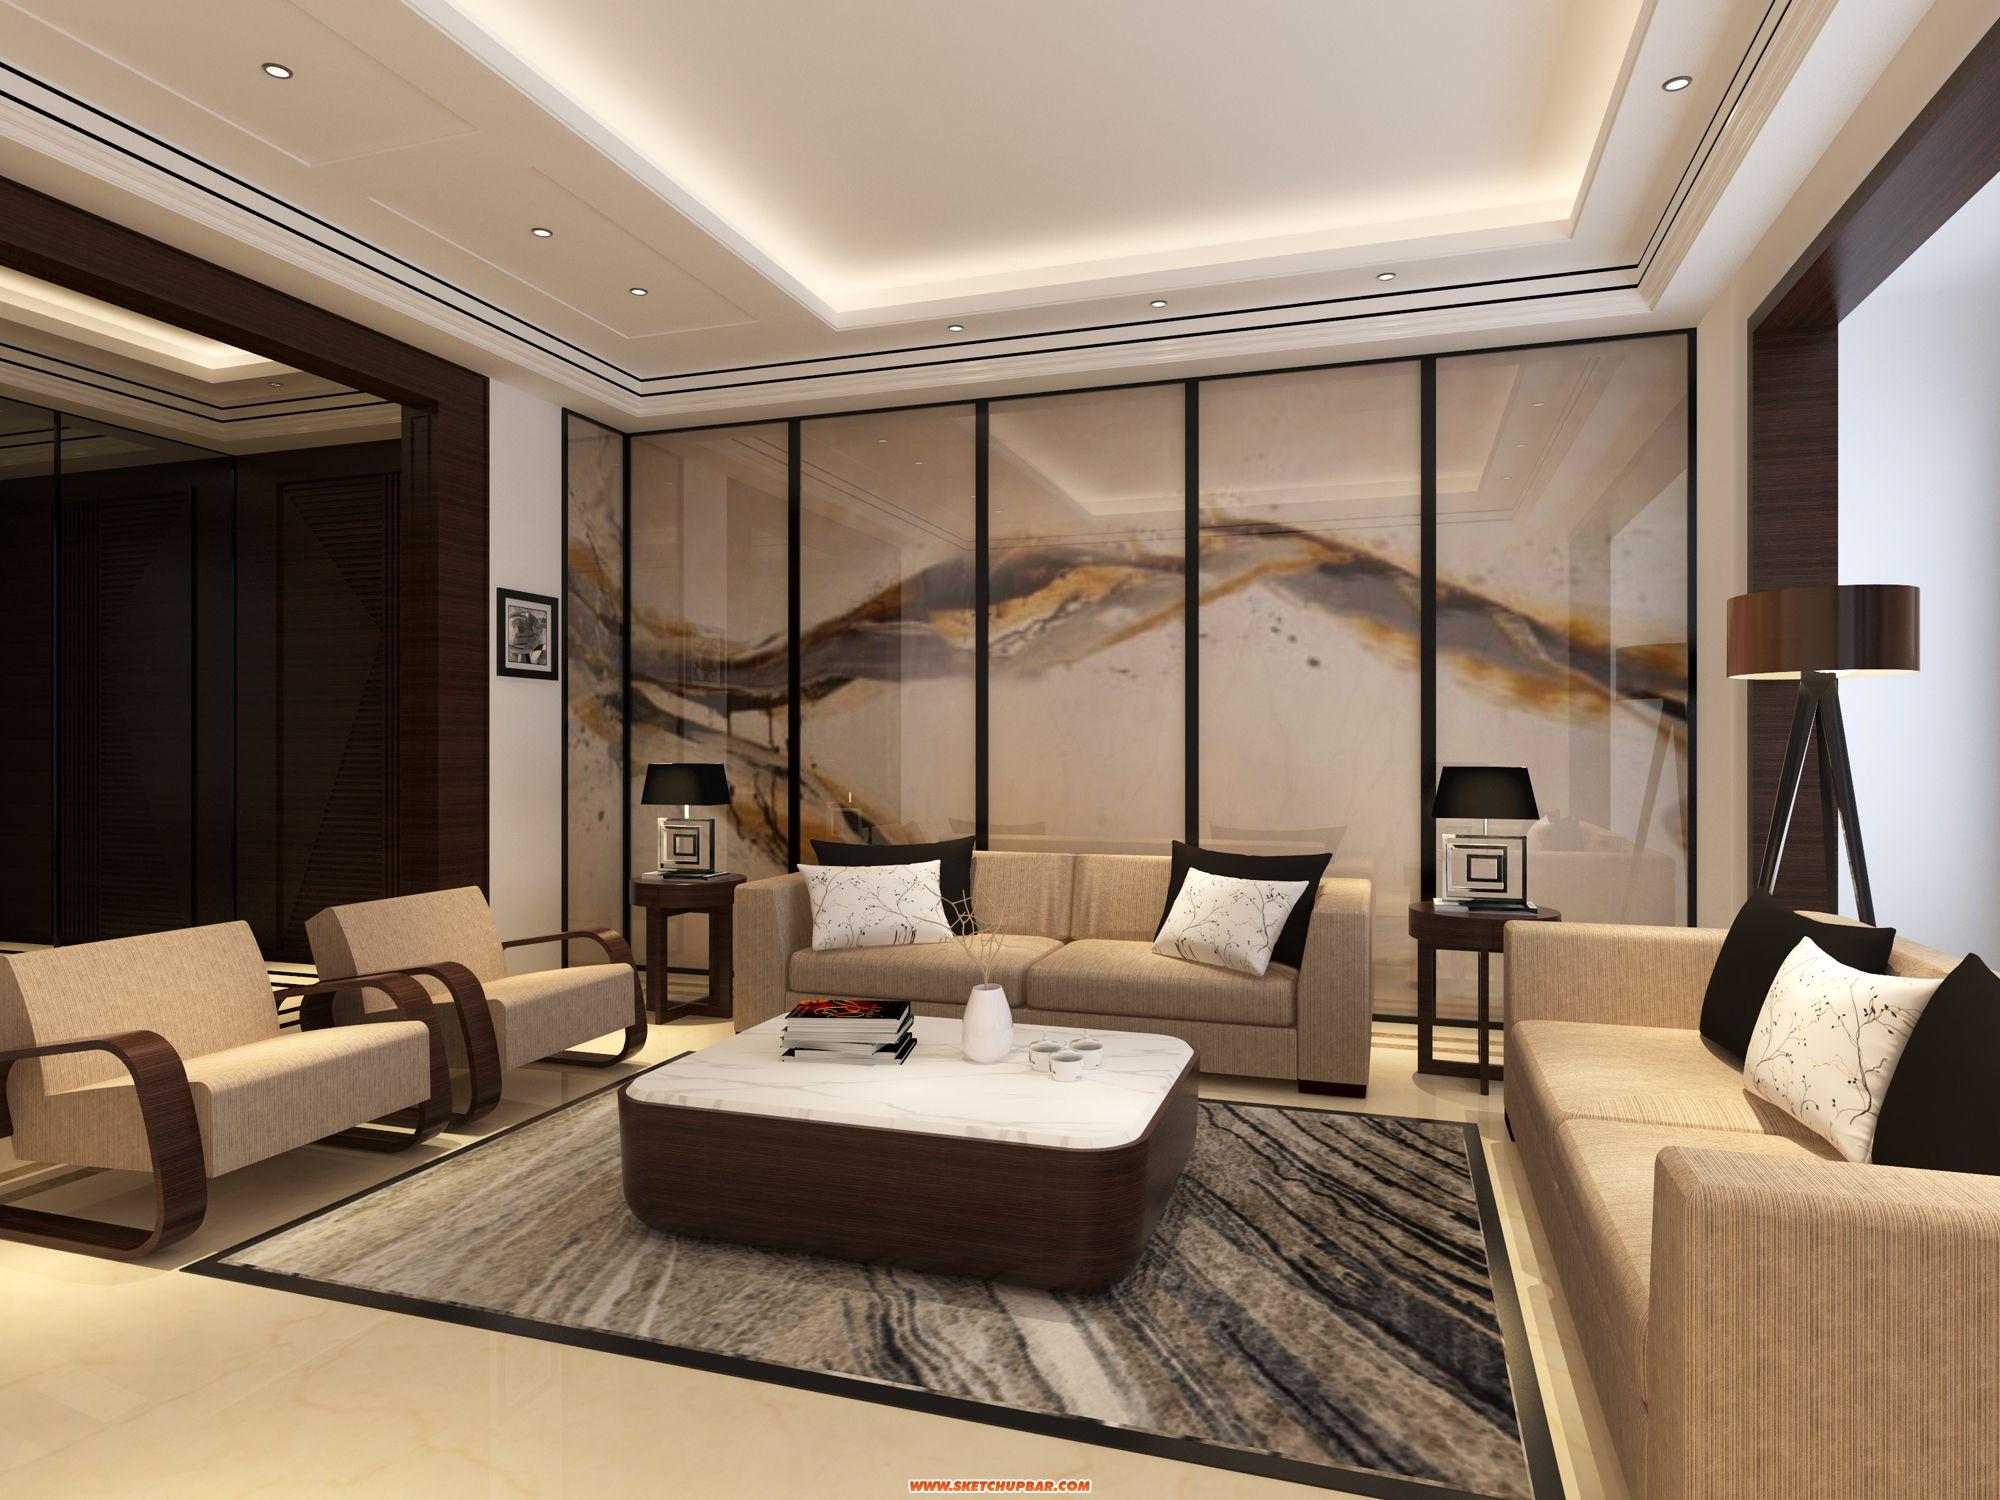 室内装修效果图,给你不一样的视觉冲击感